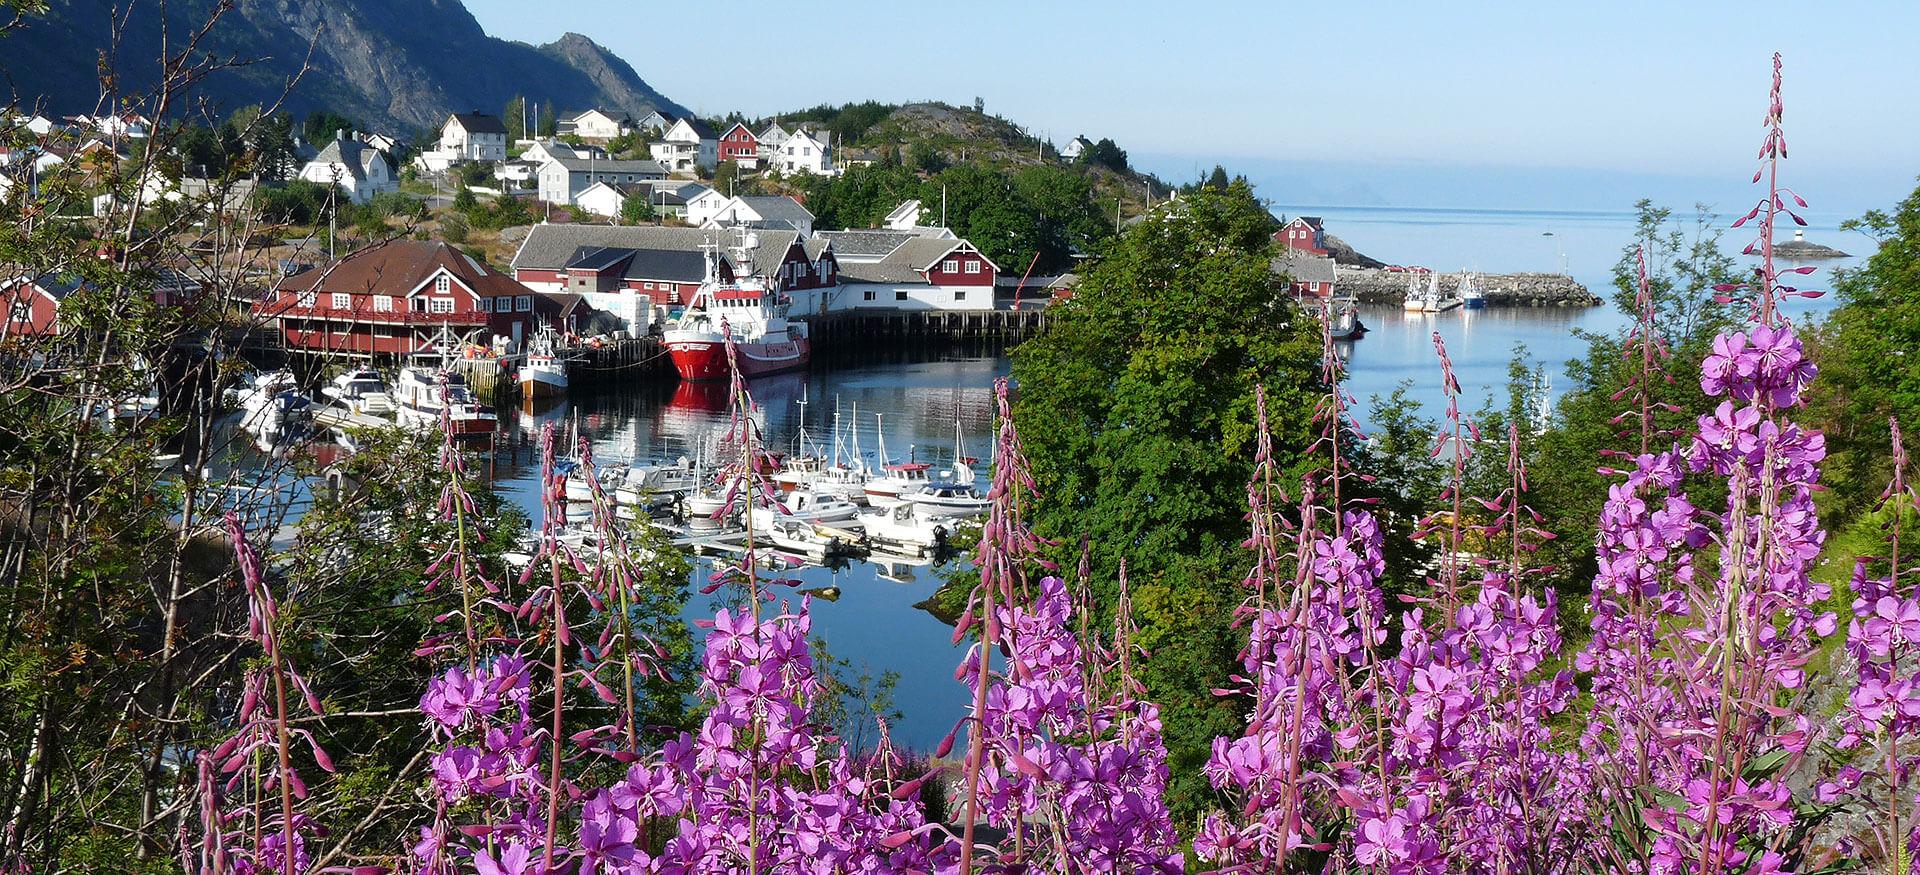 Dorf auf den Lofoten in Norwegen